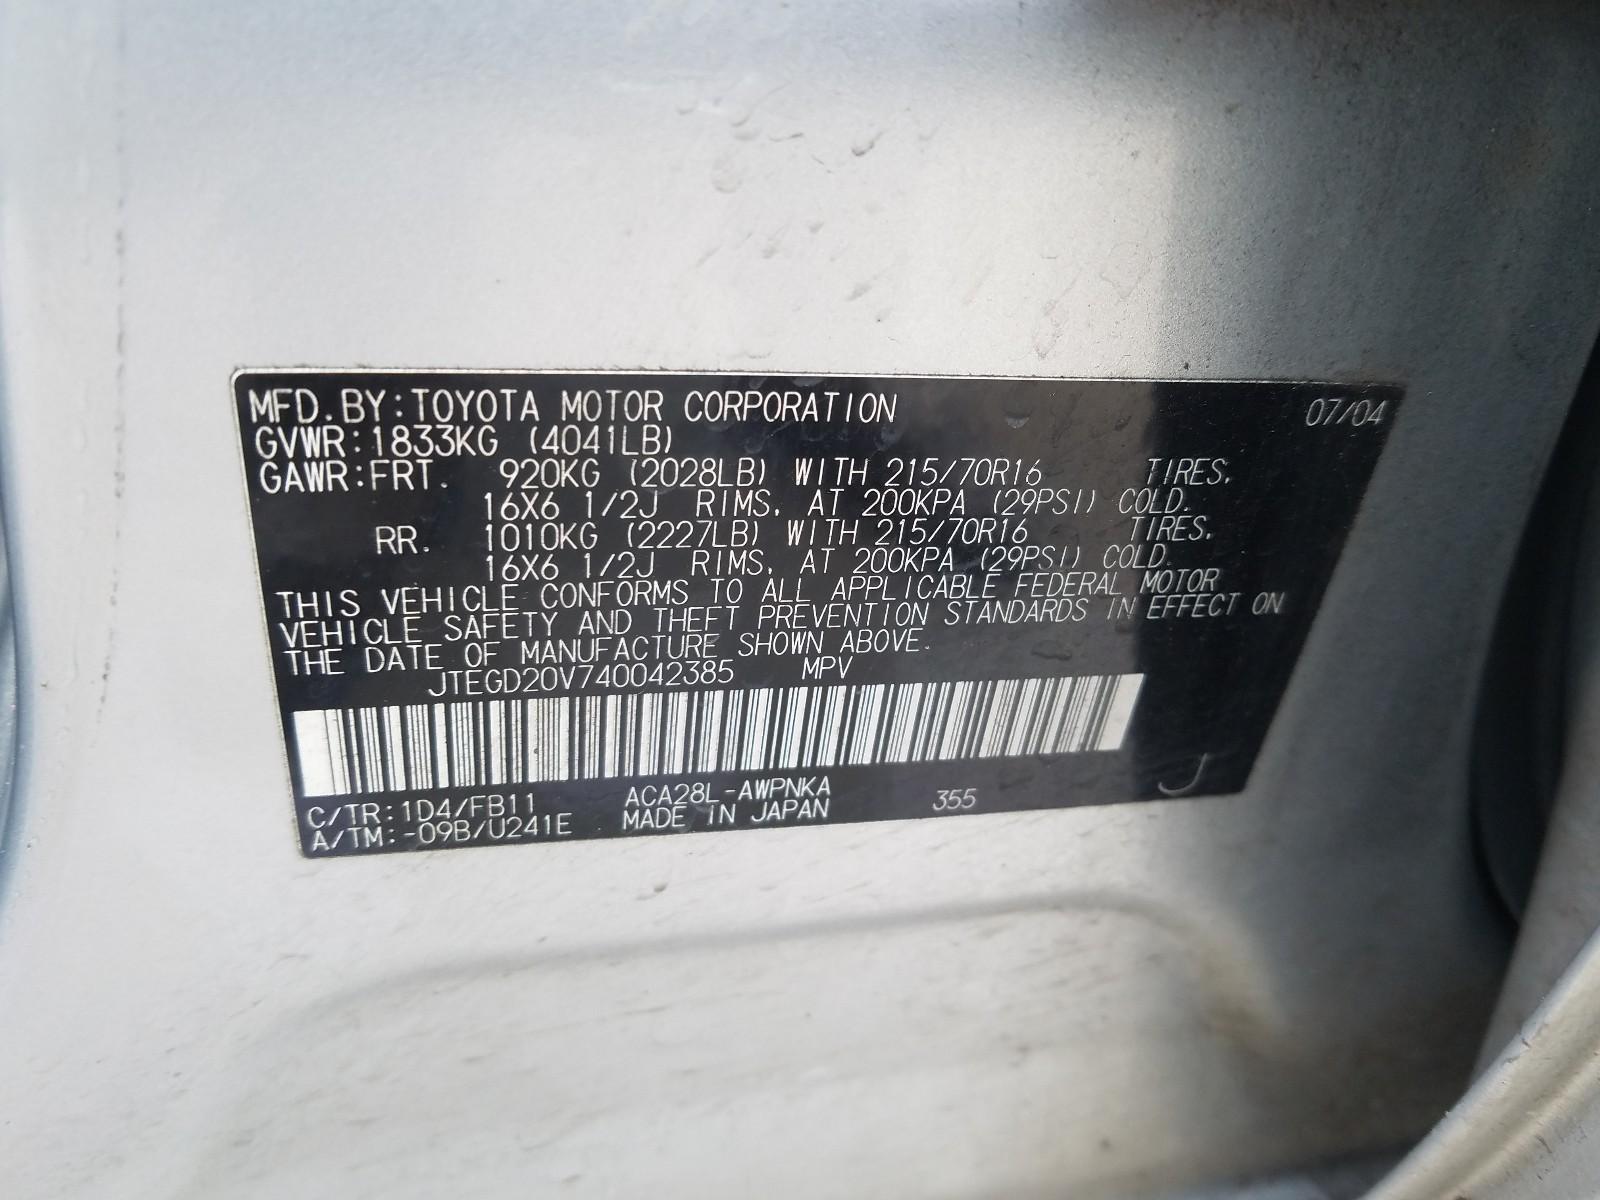 JTEGD20V740042385 - 2004 Toyota Rav4 2.4L